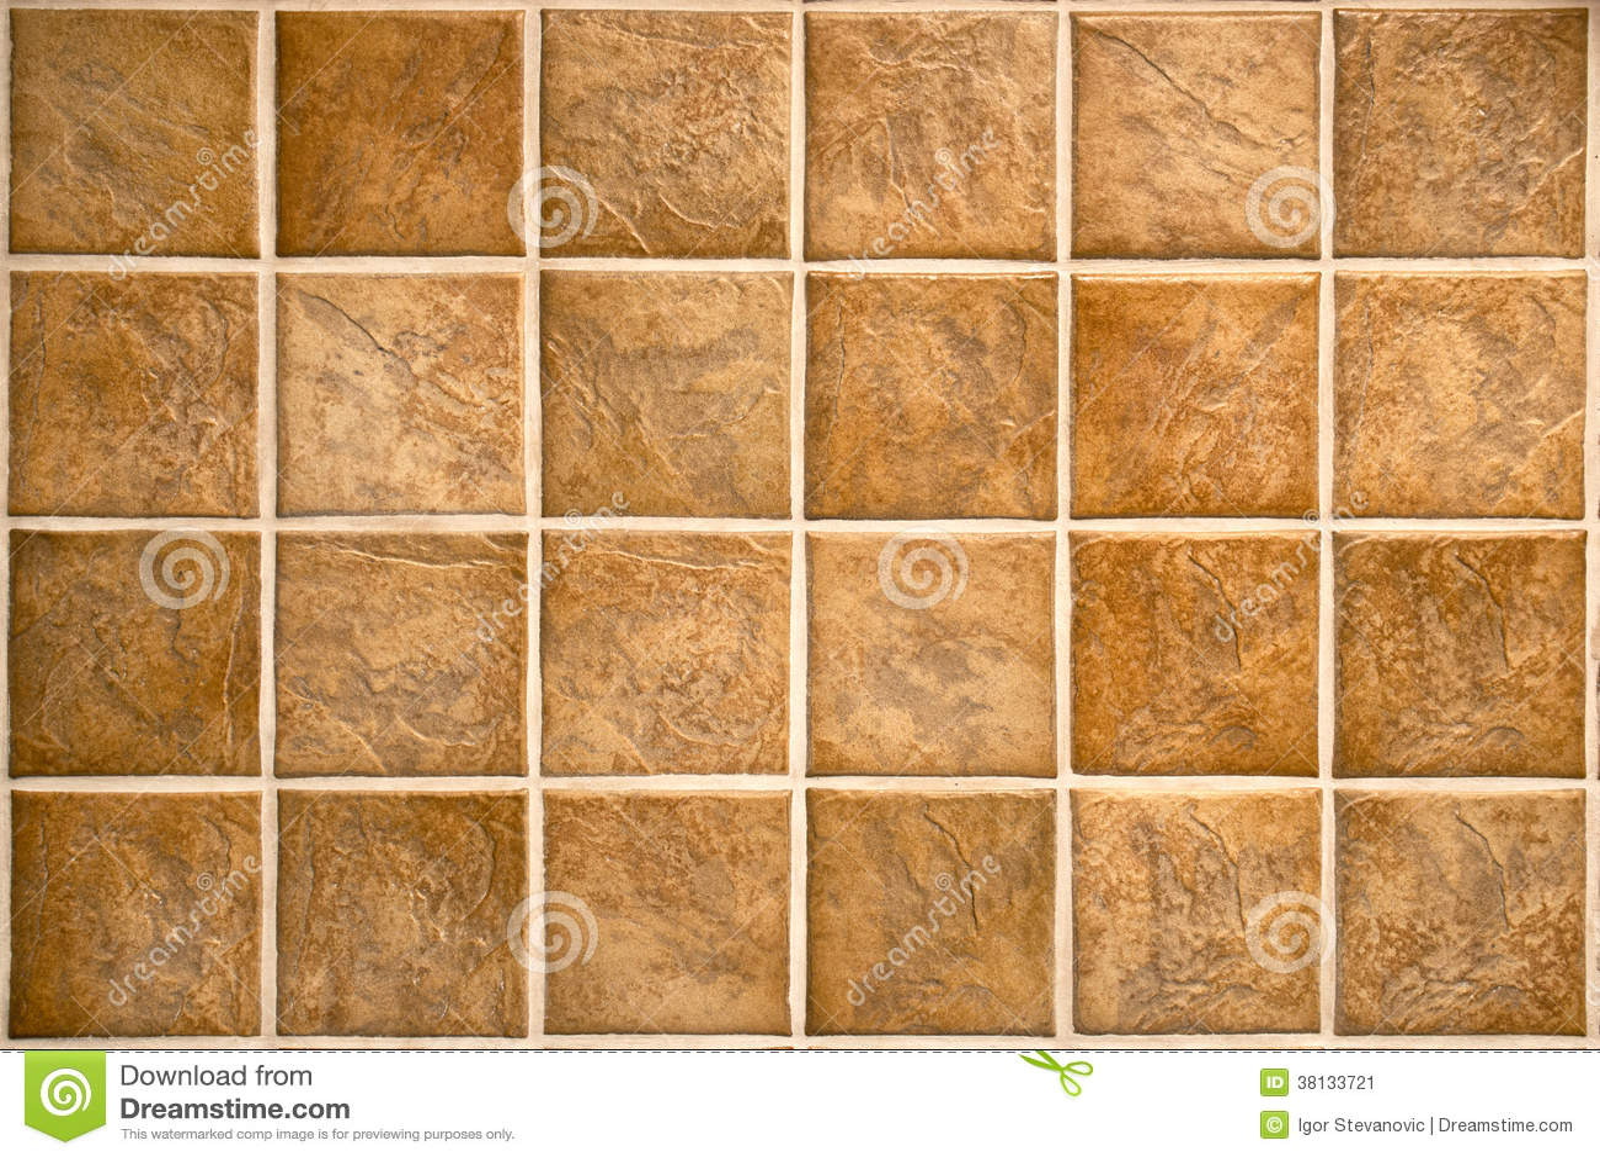 Baldosas cer micas del mosaico beige para la pared o el for Mosaico para bano precios